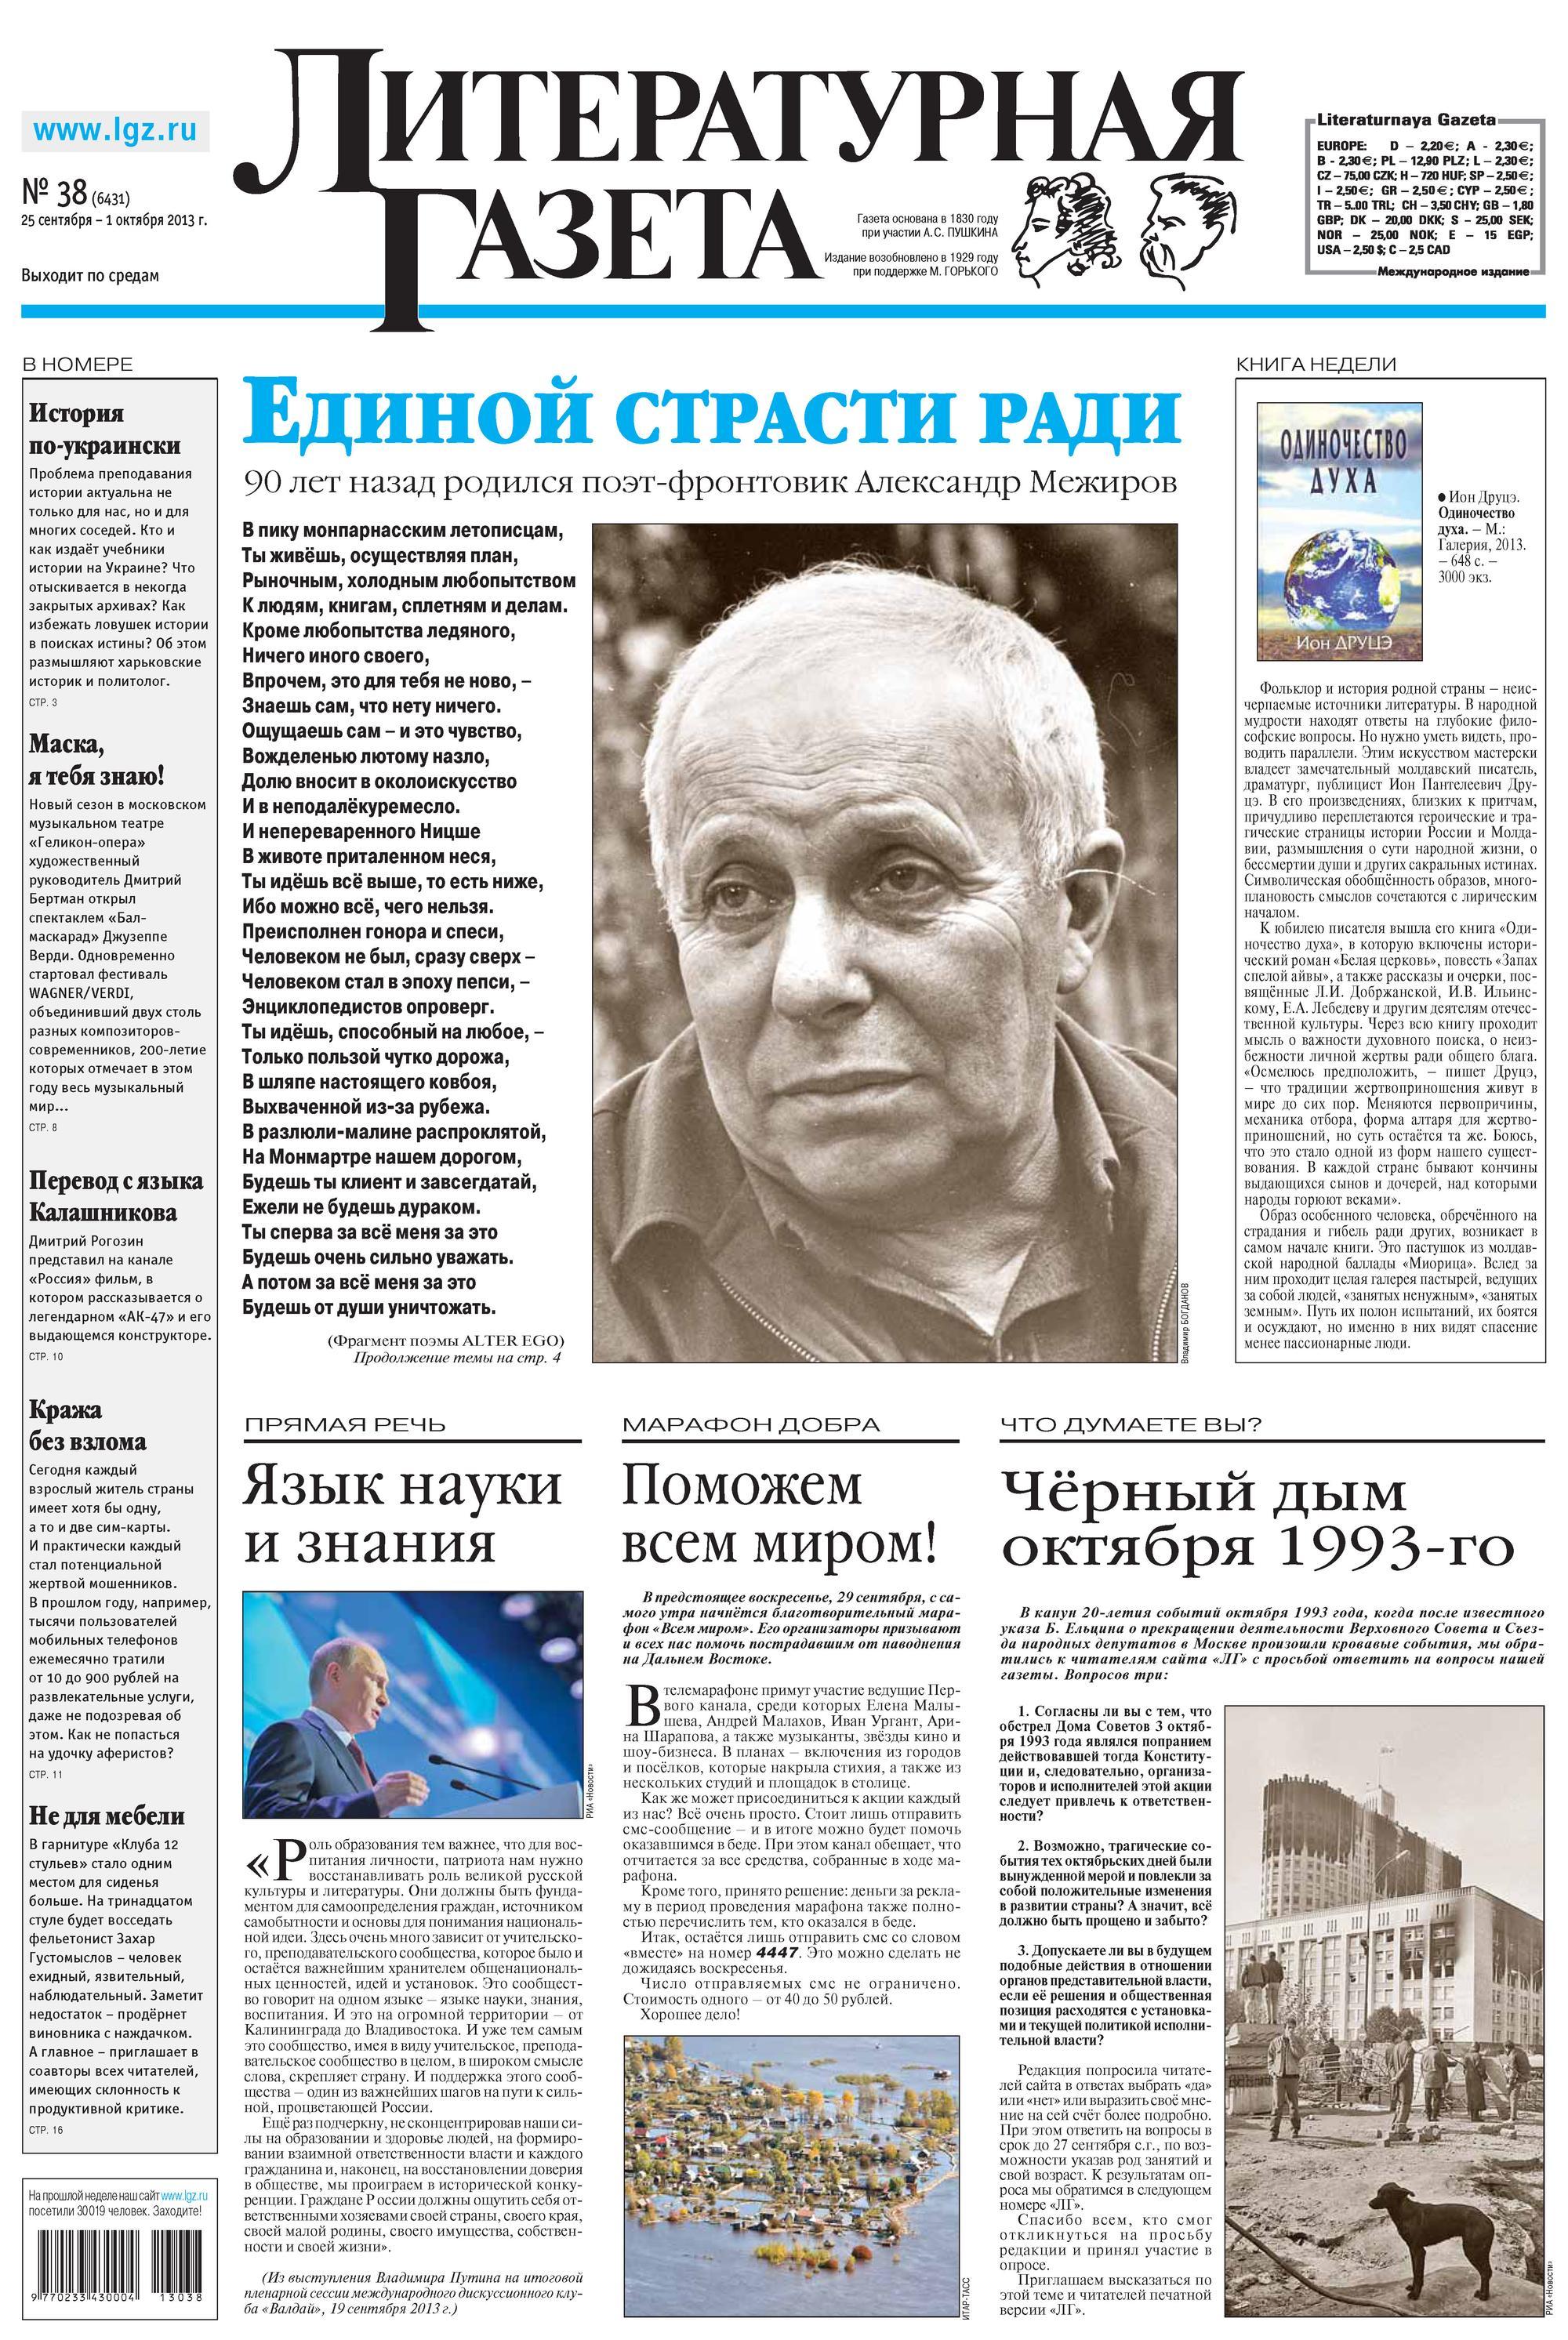 Литературная газета №38 (6431) 2013 фото